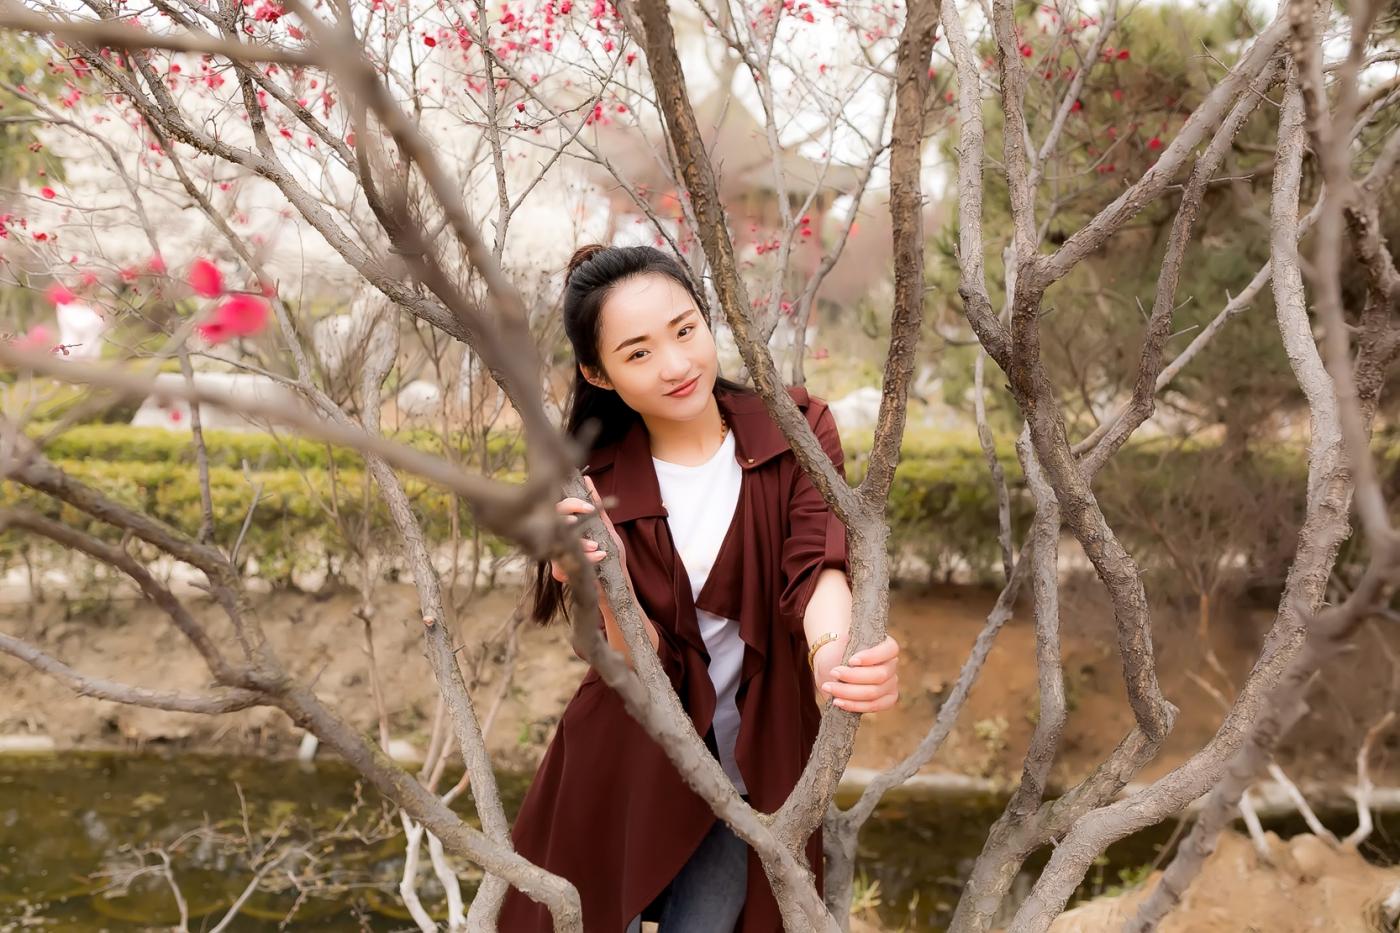 沂水雪山梅园走来一群赏梅踏春的沂蒙女孩 摄影人和女孩们成为梅园一道亮丽的风景线 ..._图1-24